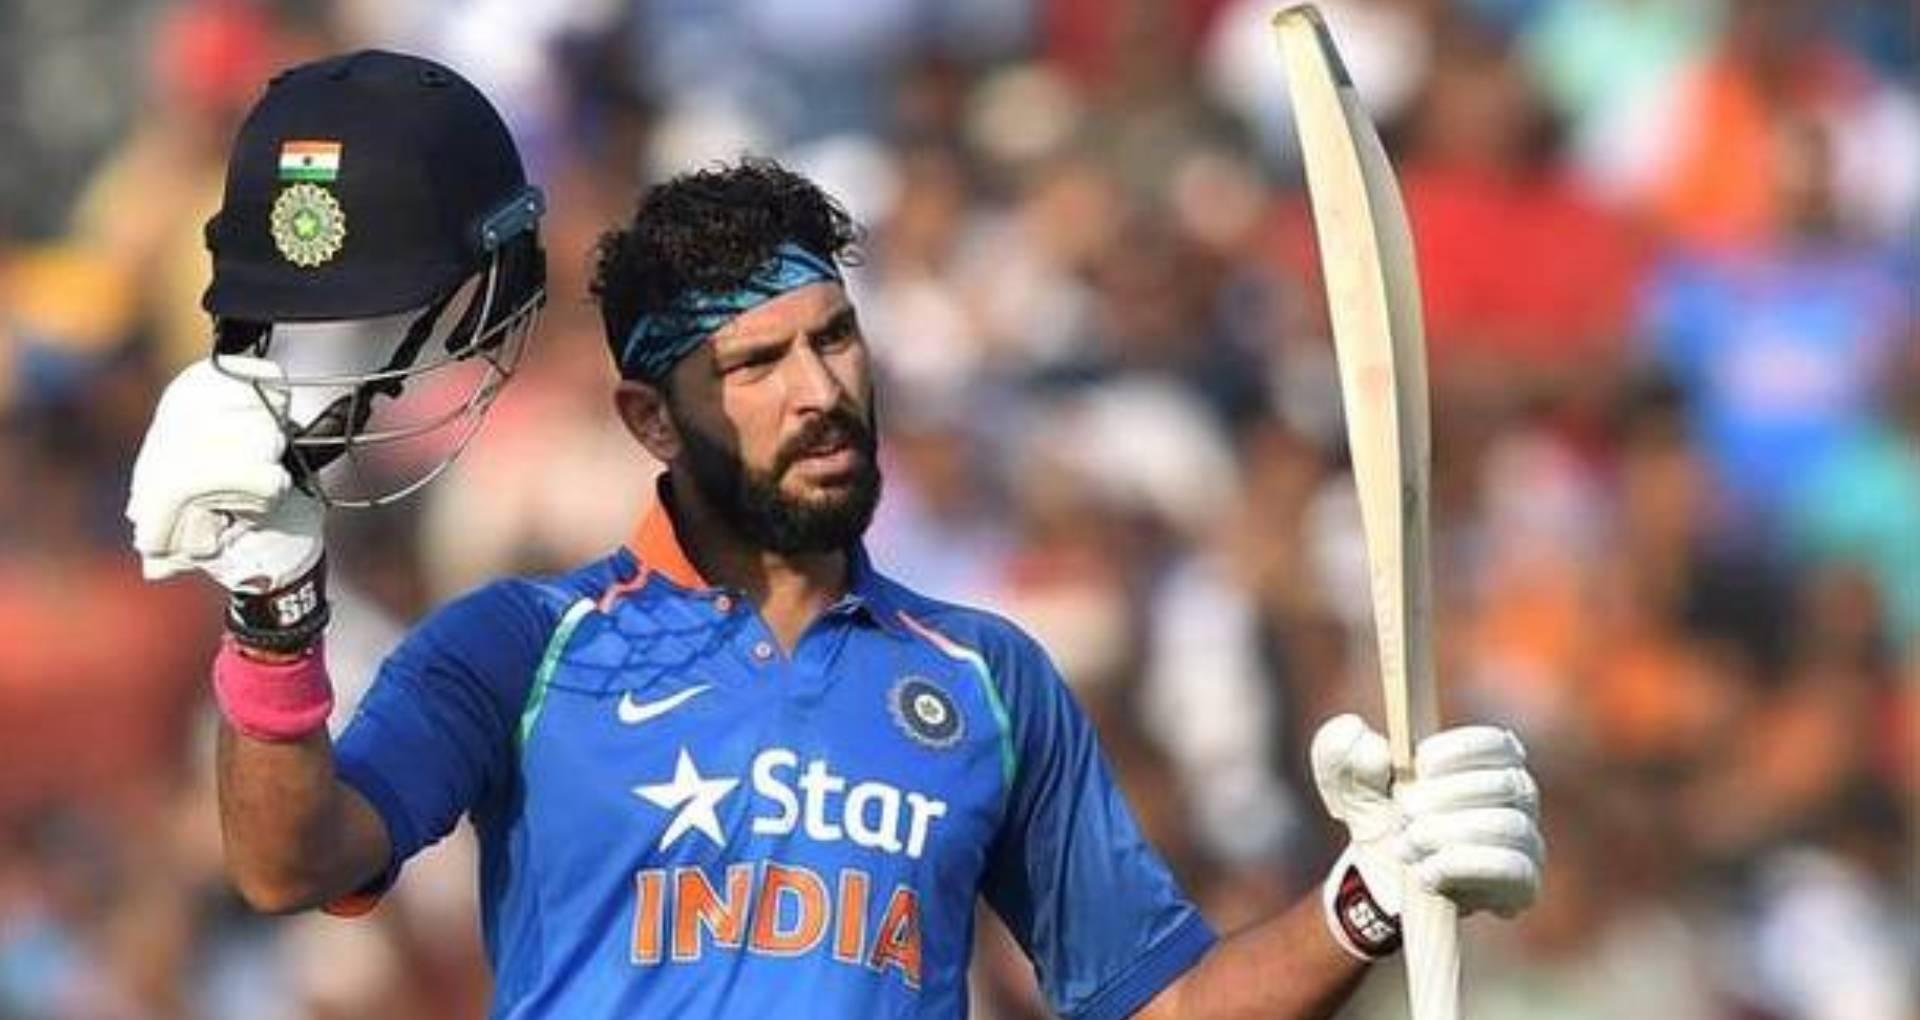 युवराज सिंह ने इंटरनेशनल क्रिकेट से लिया संन्यास, तो वरुण धवन सहित इन बॉलीवुड सितारों ने किए भावुक मैसेज